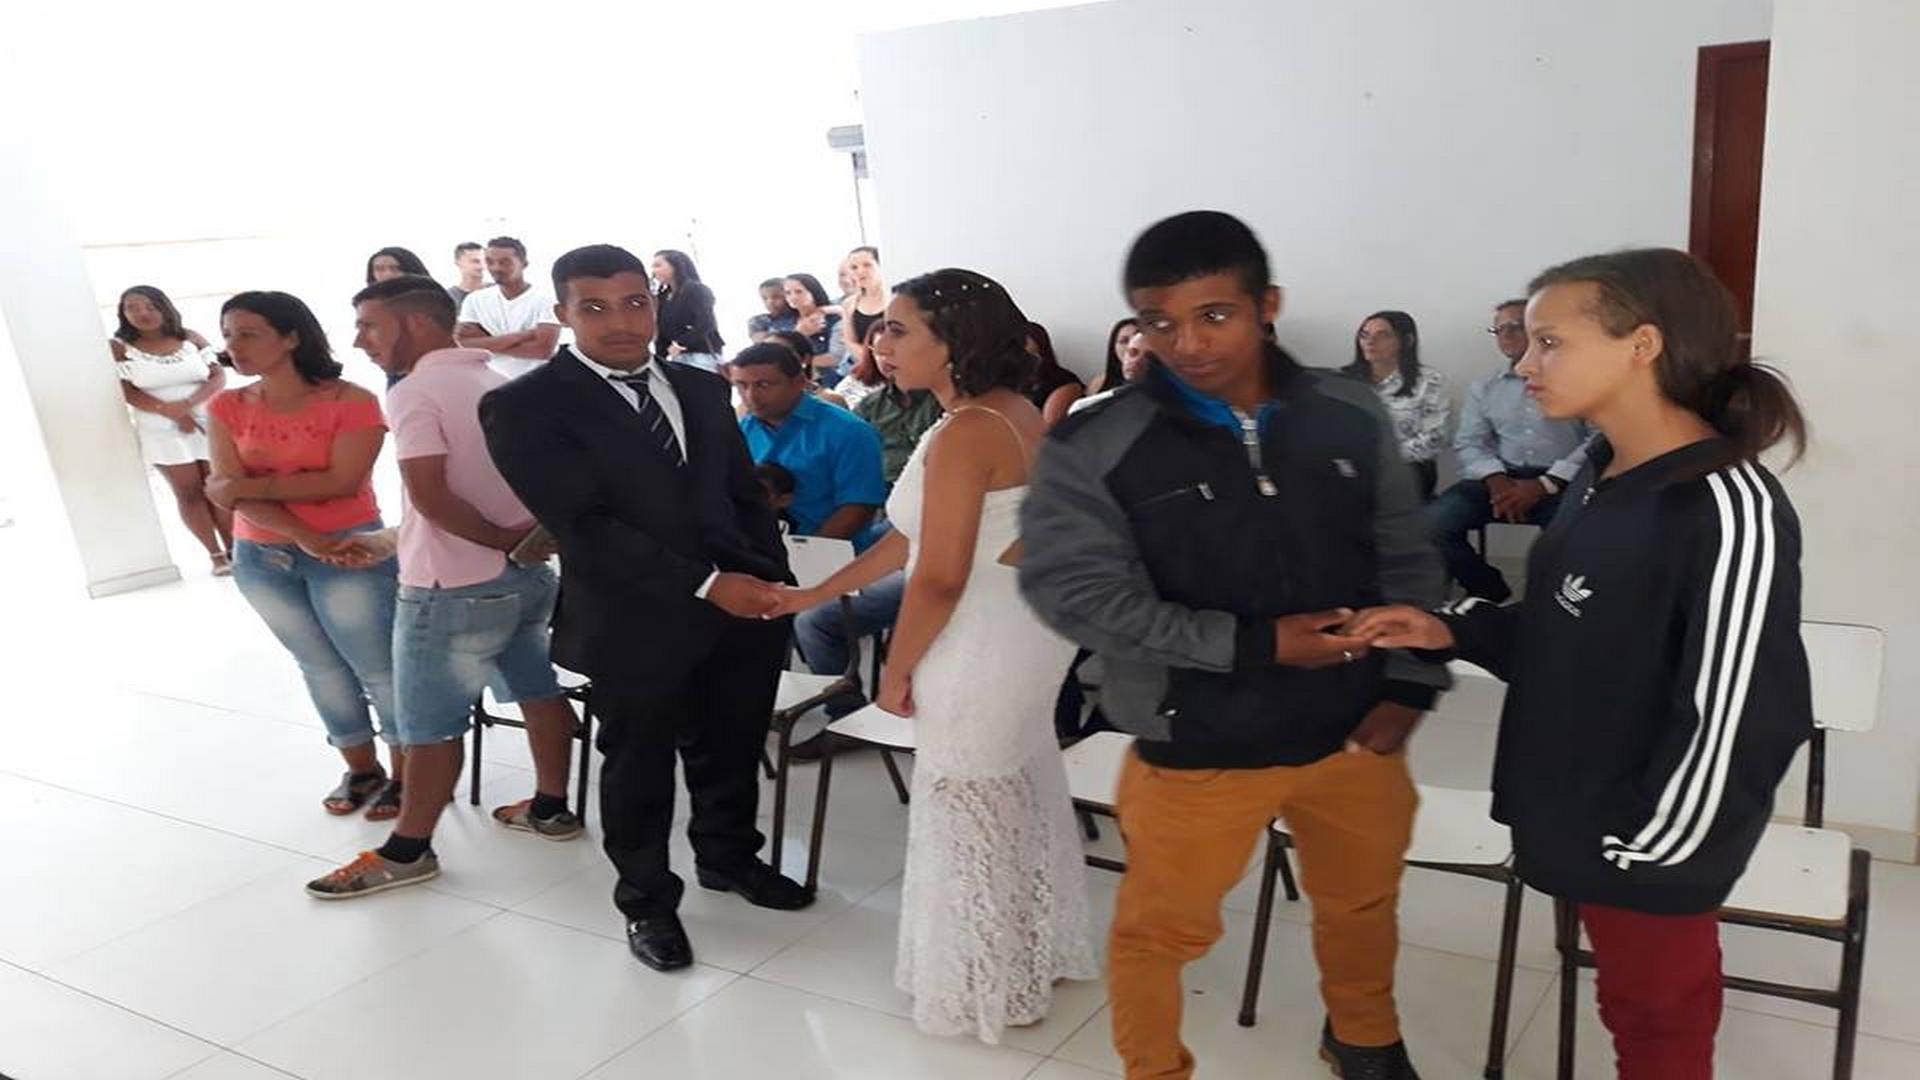 PREFEITURA MUNICIPAL REALIZA III CASAMENTO COMUNITÁRIO DE ARAPONGA !!!